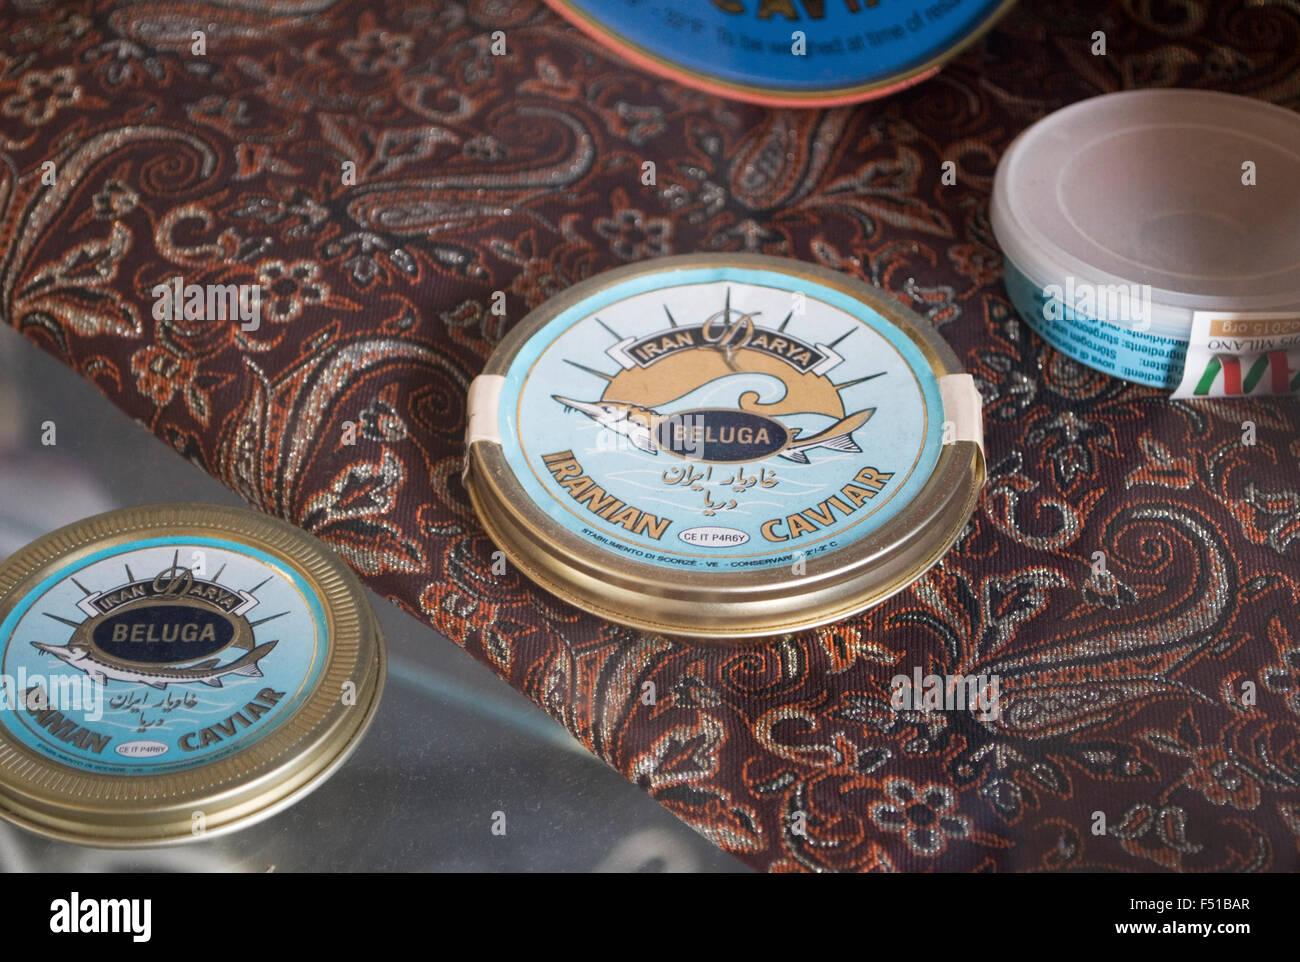 Iranian beluga caviar in a shop window - Stock Image